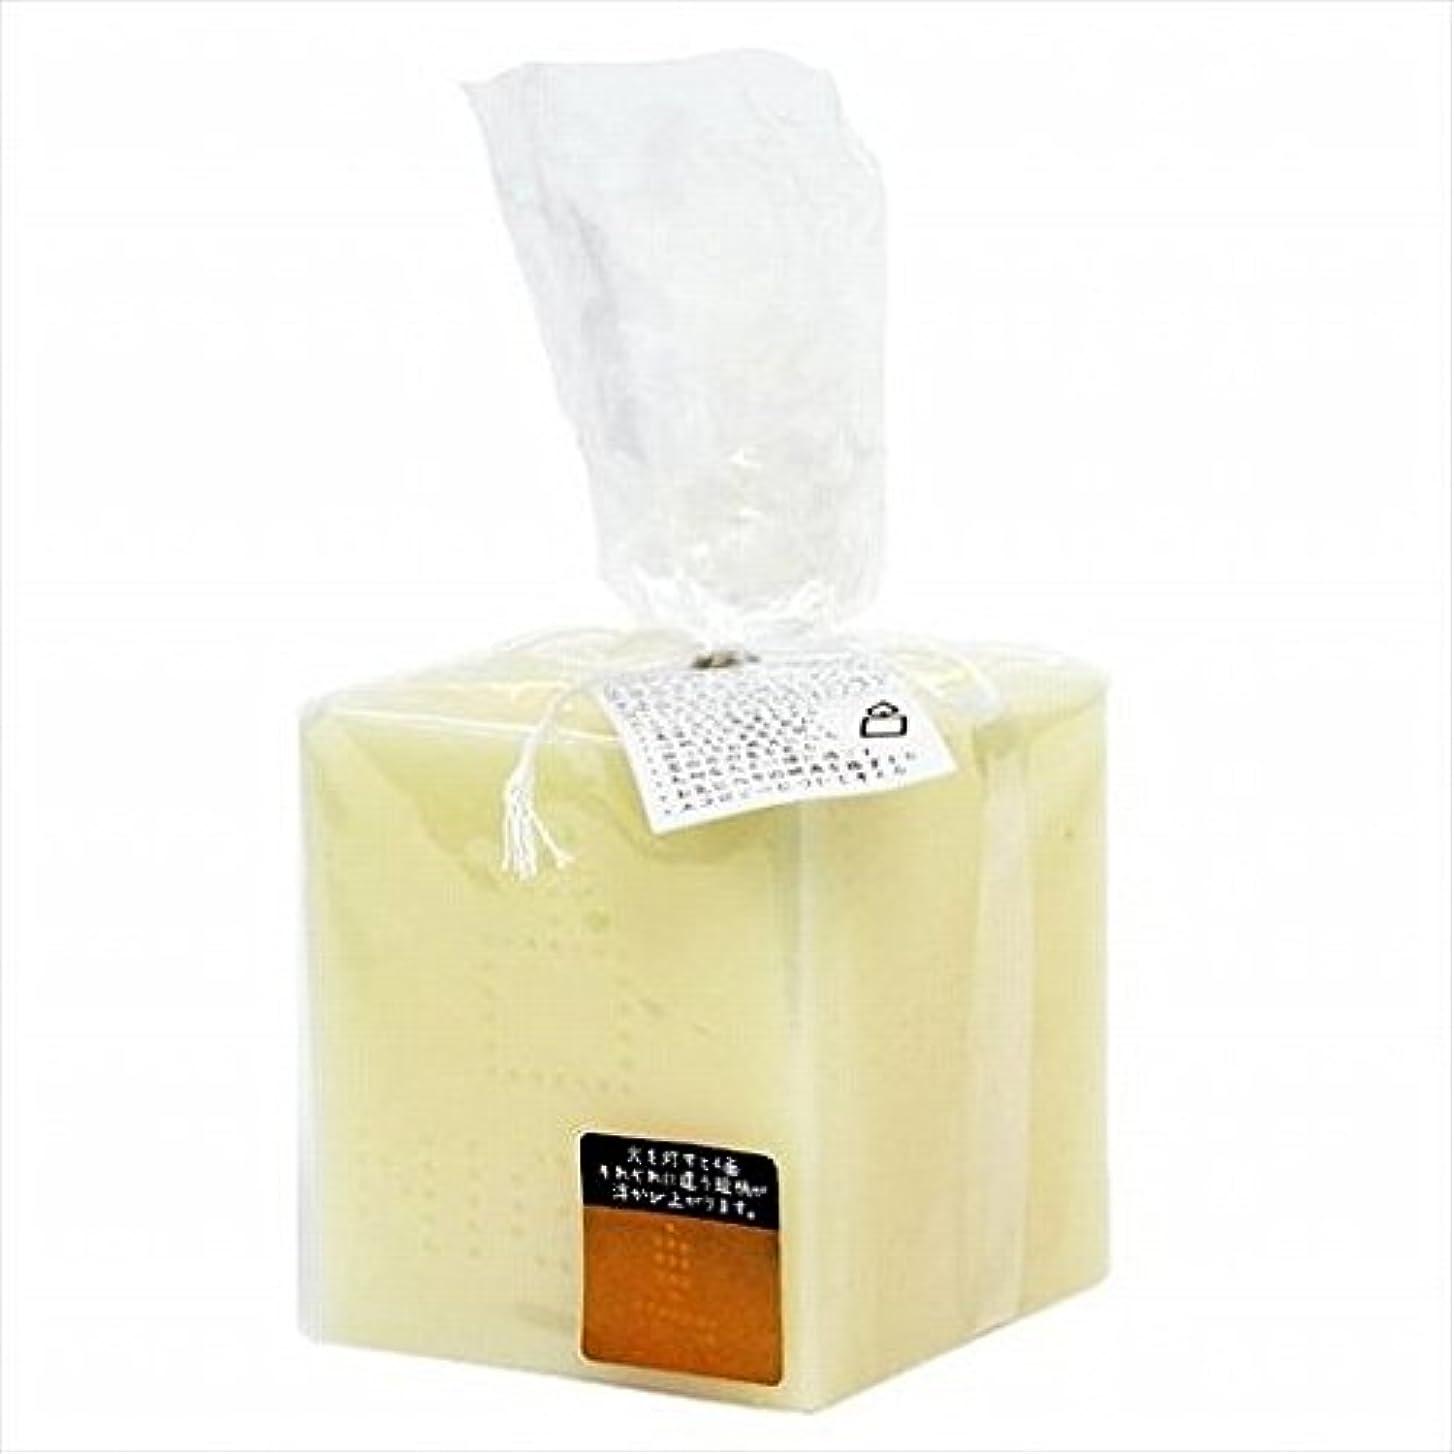 牛水陸両用kameyama candle(カメヤマキャンドル) キャンドルナイト キャンドル 70x70x160mm (A8640000)